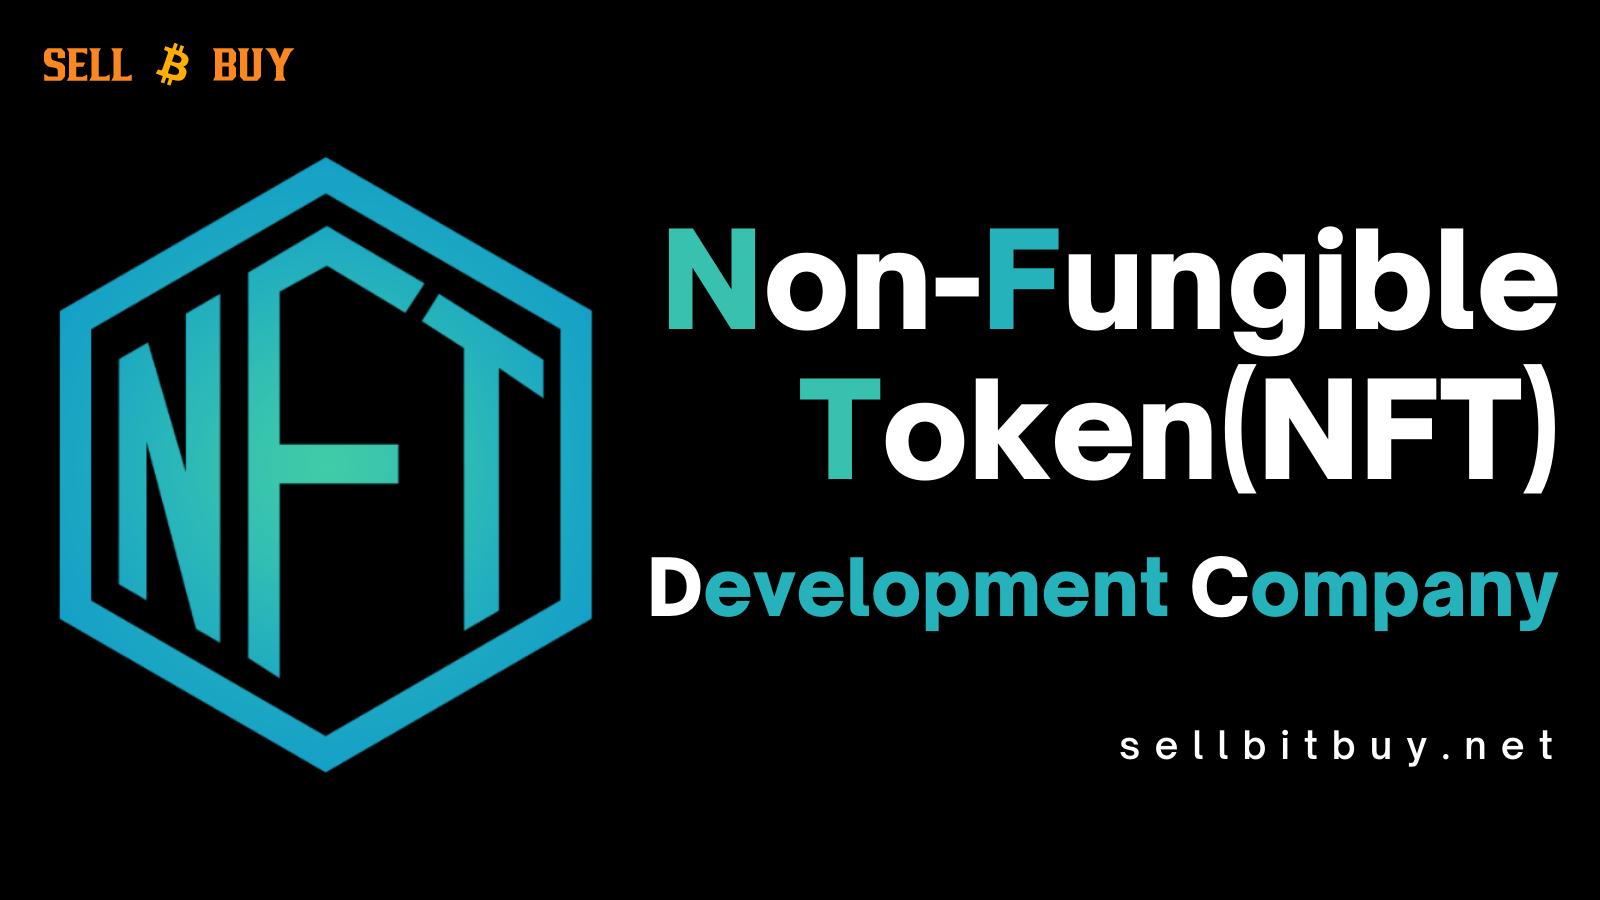 Non-Fungible Token (NFT) Development Company